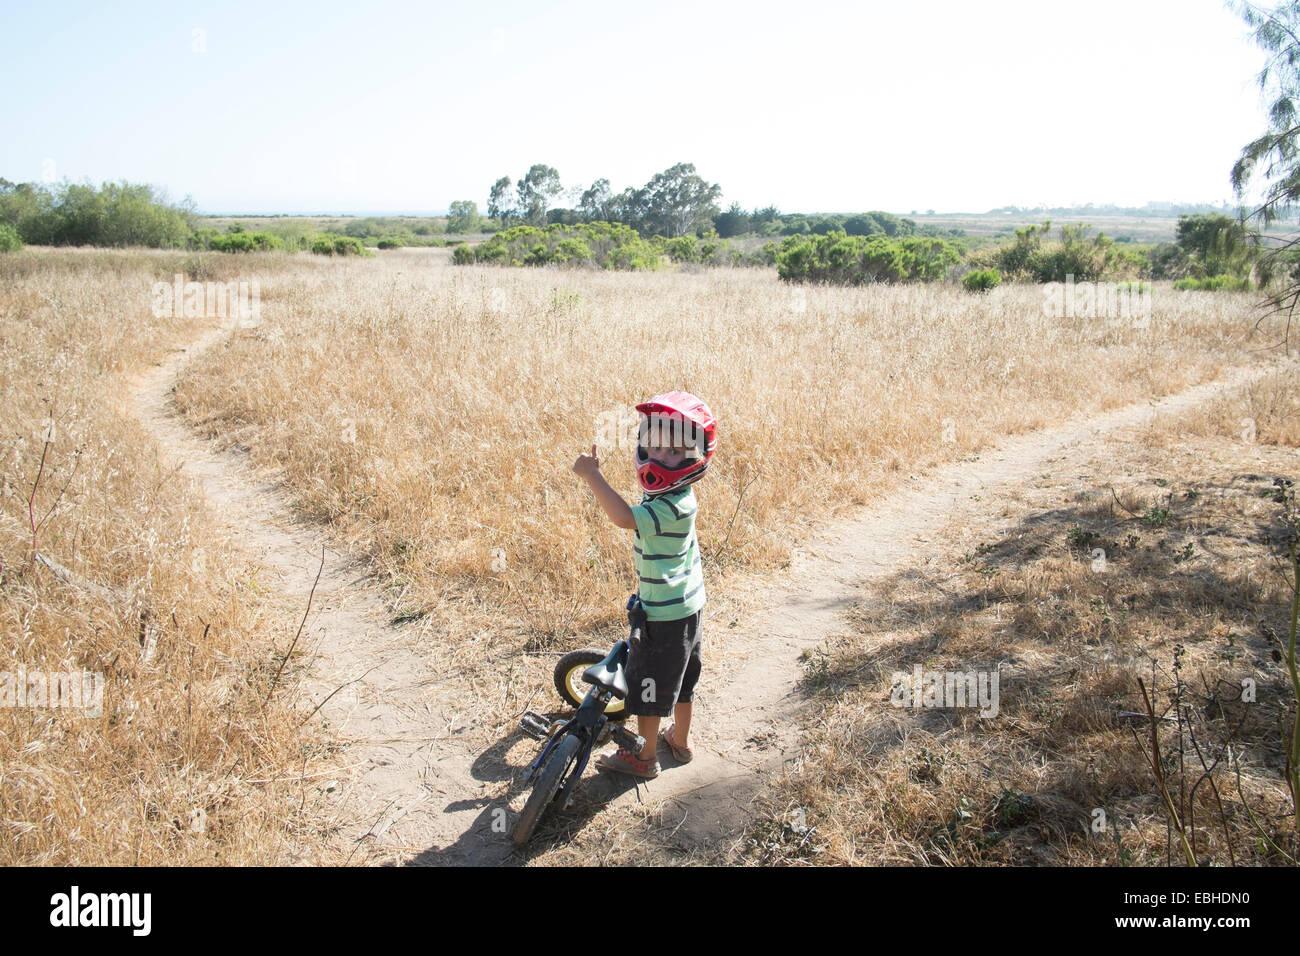 Joven en la ruta en el campo con la bicicleta Imagen De Stock